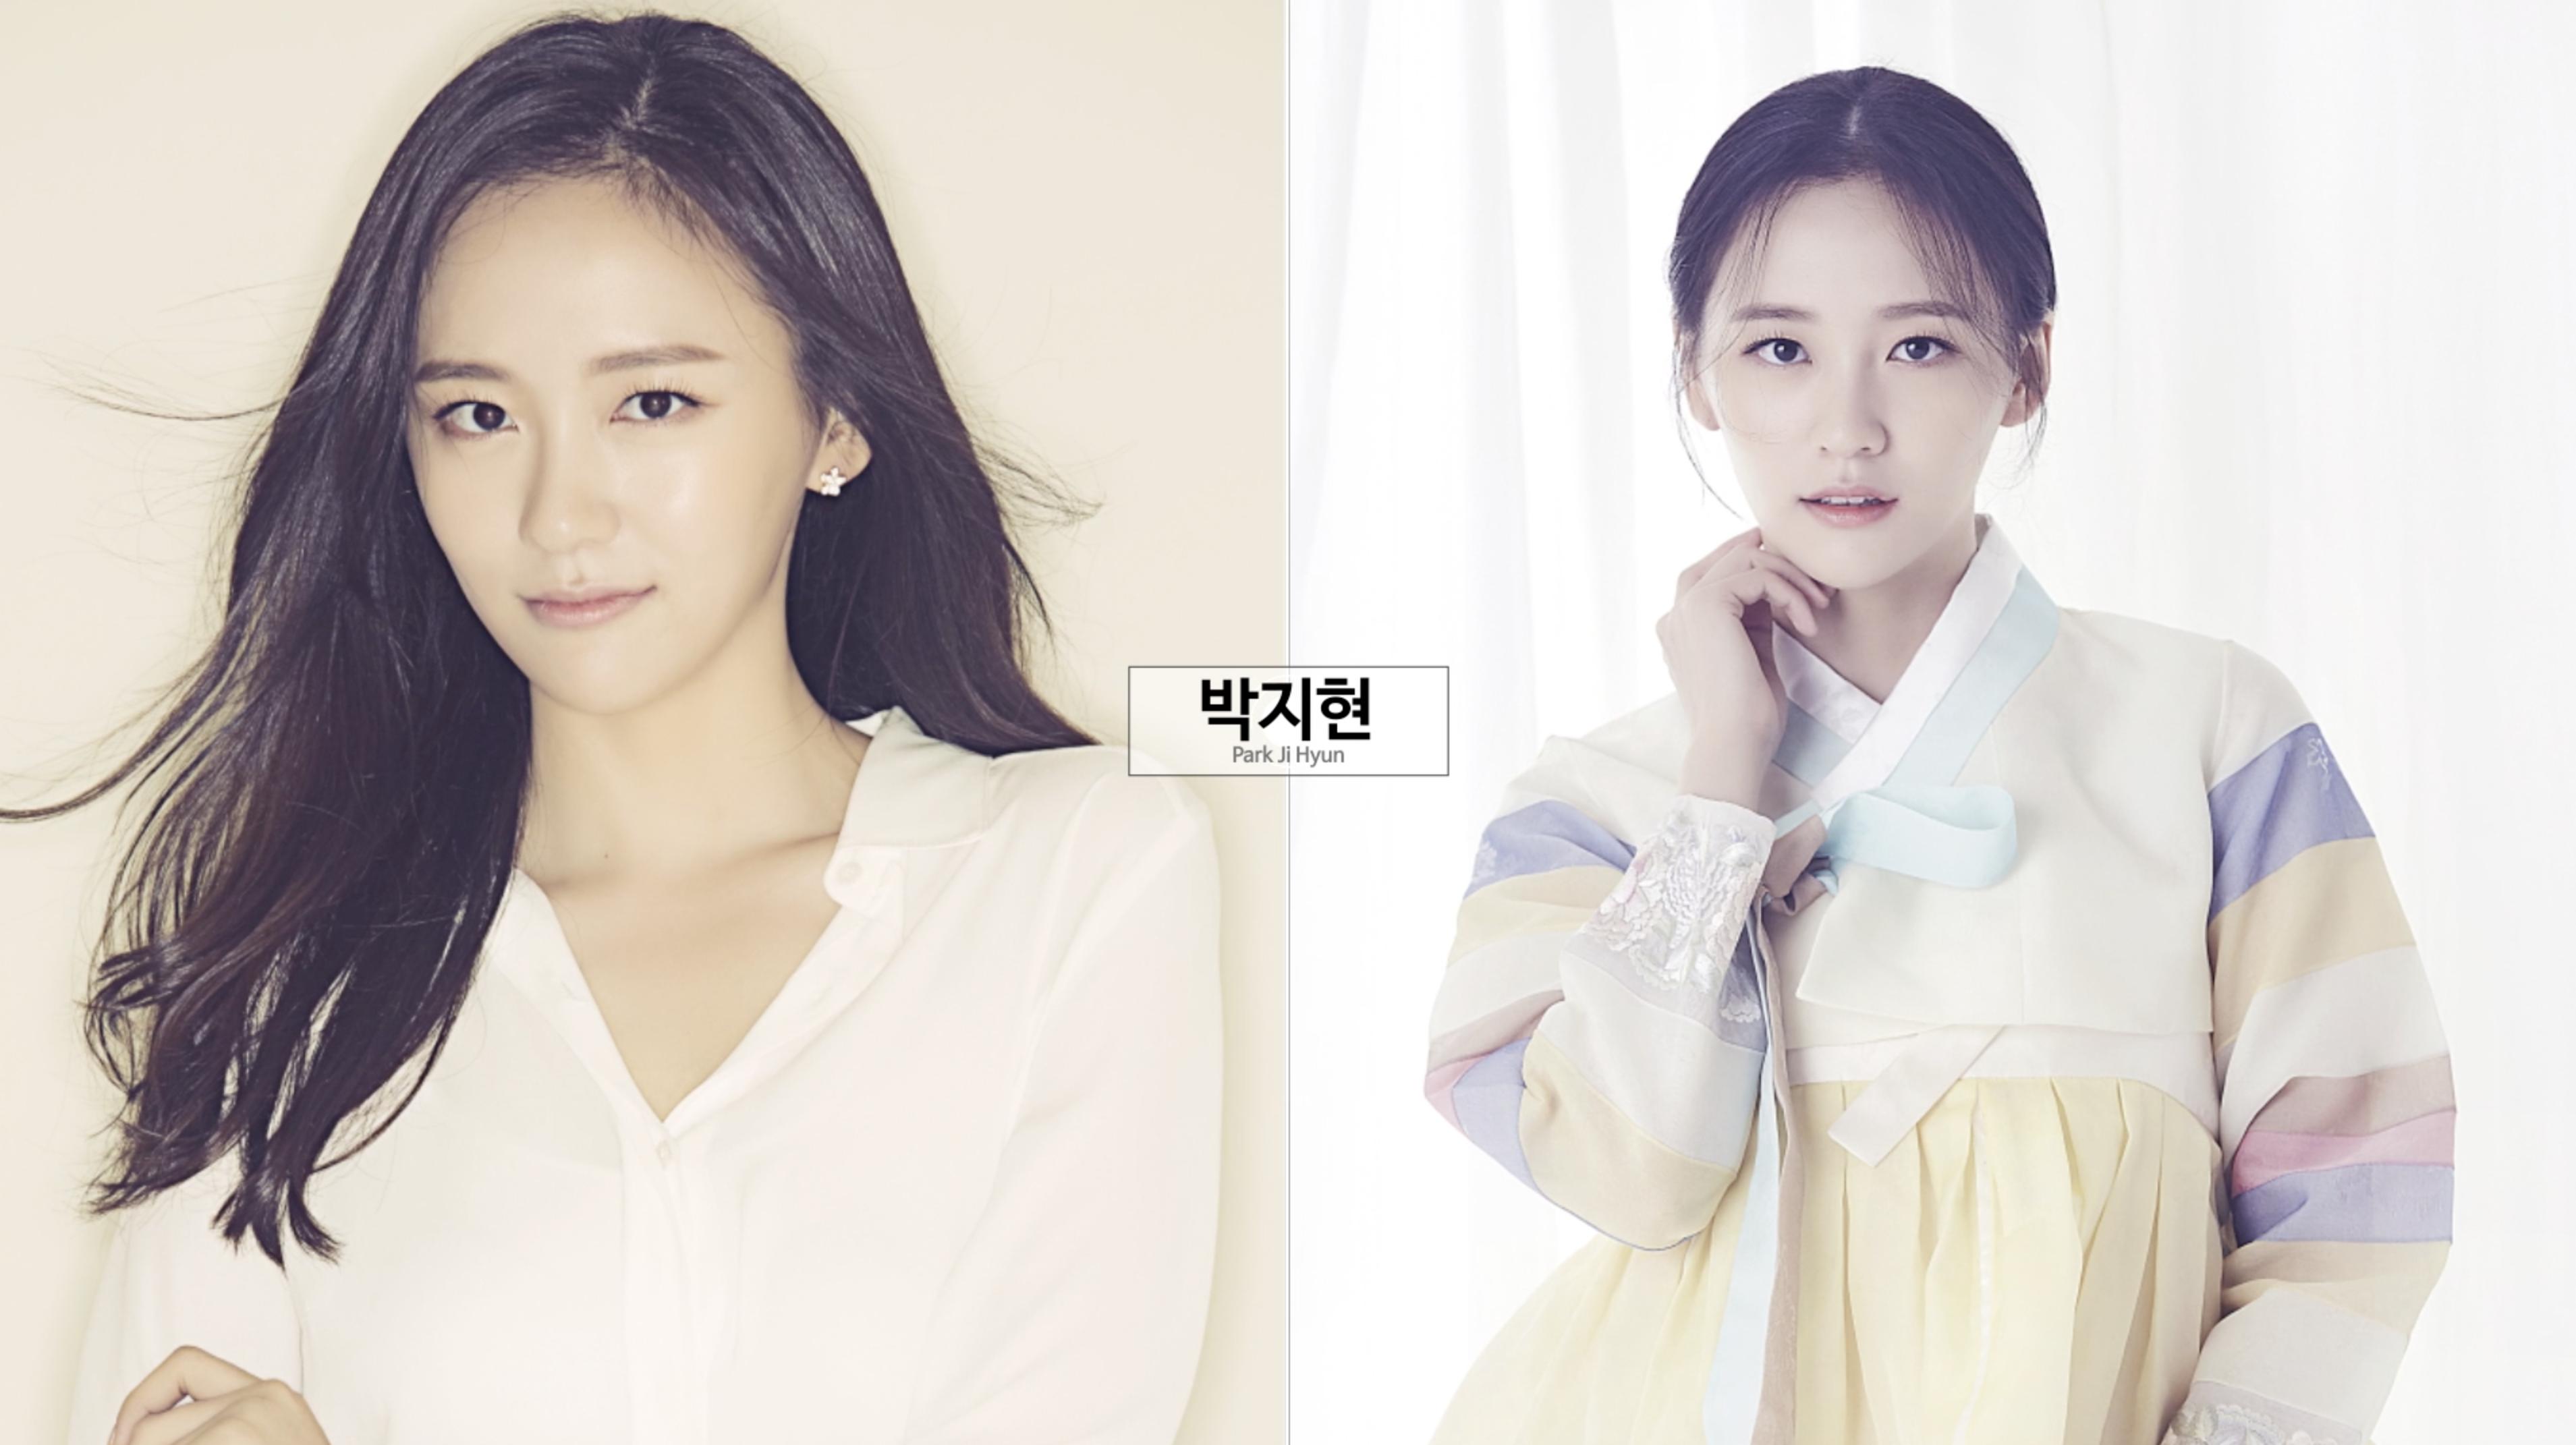 [엽기적인 그녀] TOP10 박지현 영상 공개(FULL ver.)